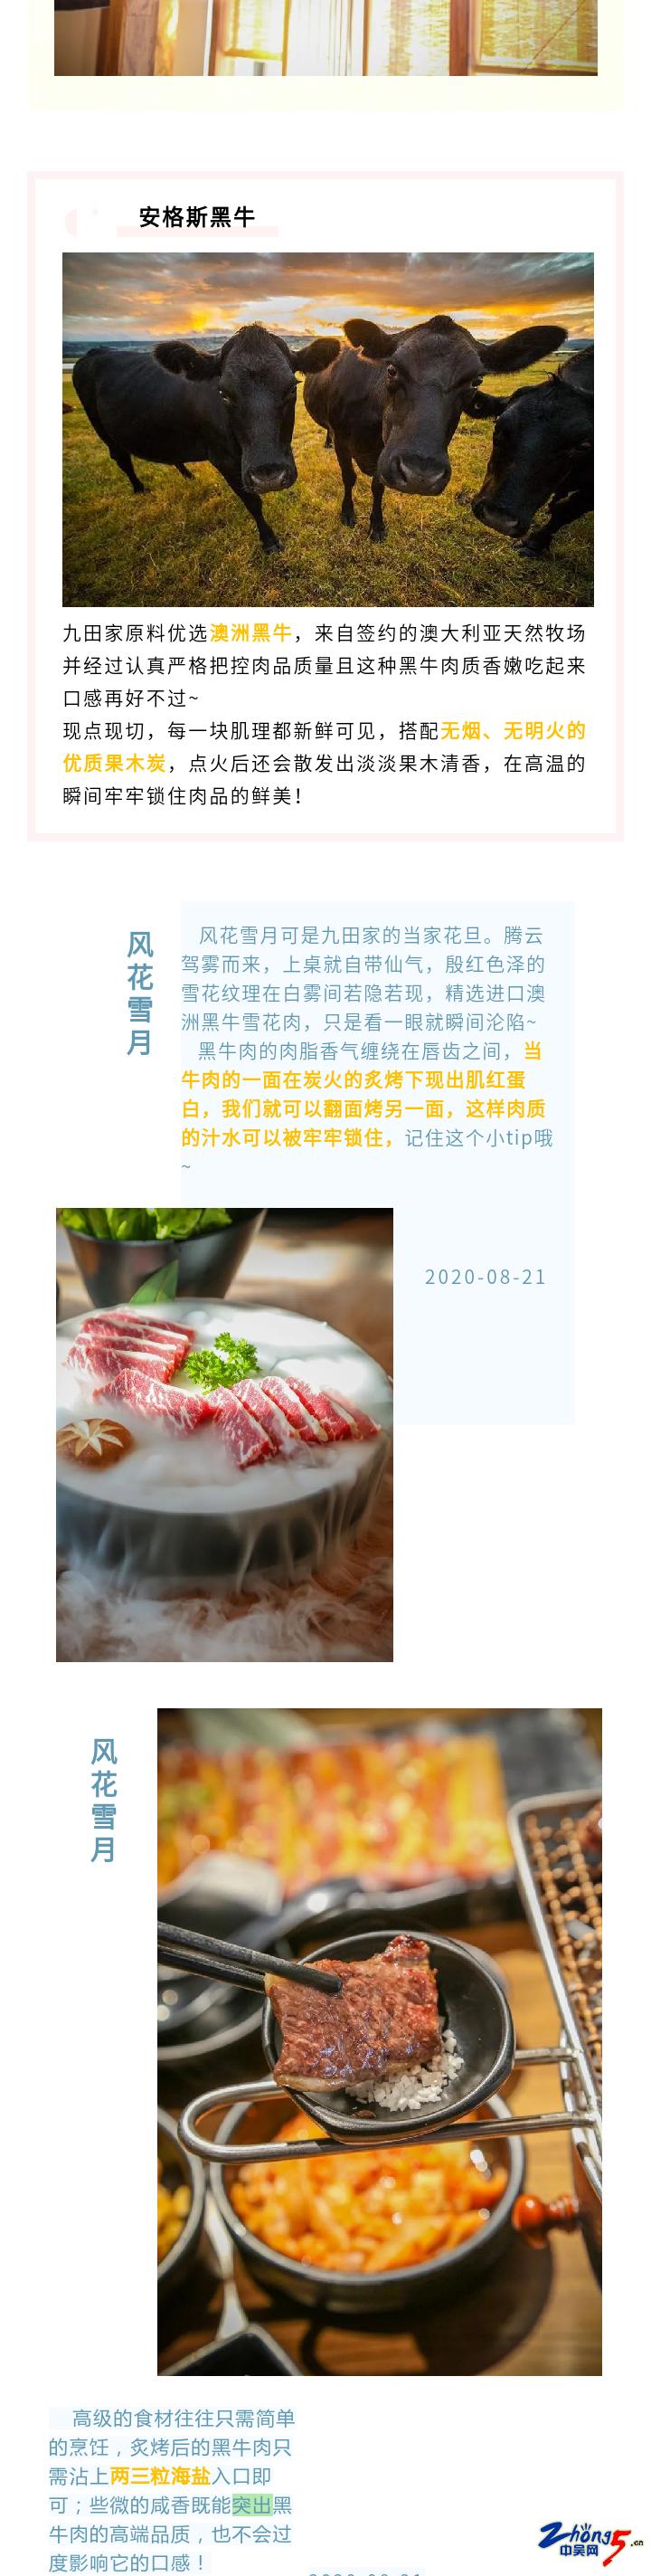 长图_02.png